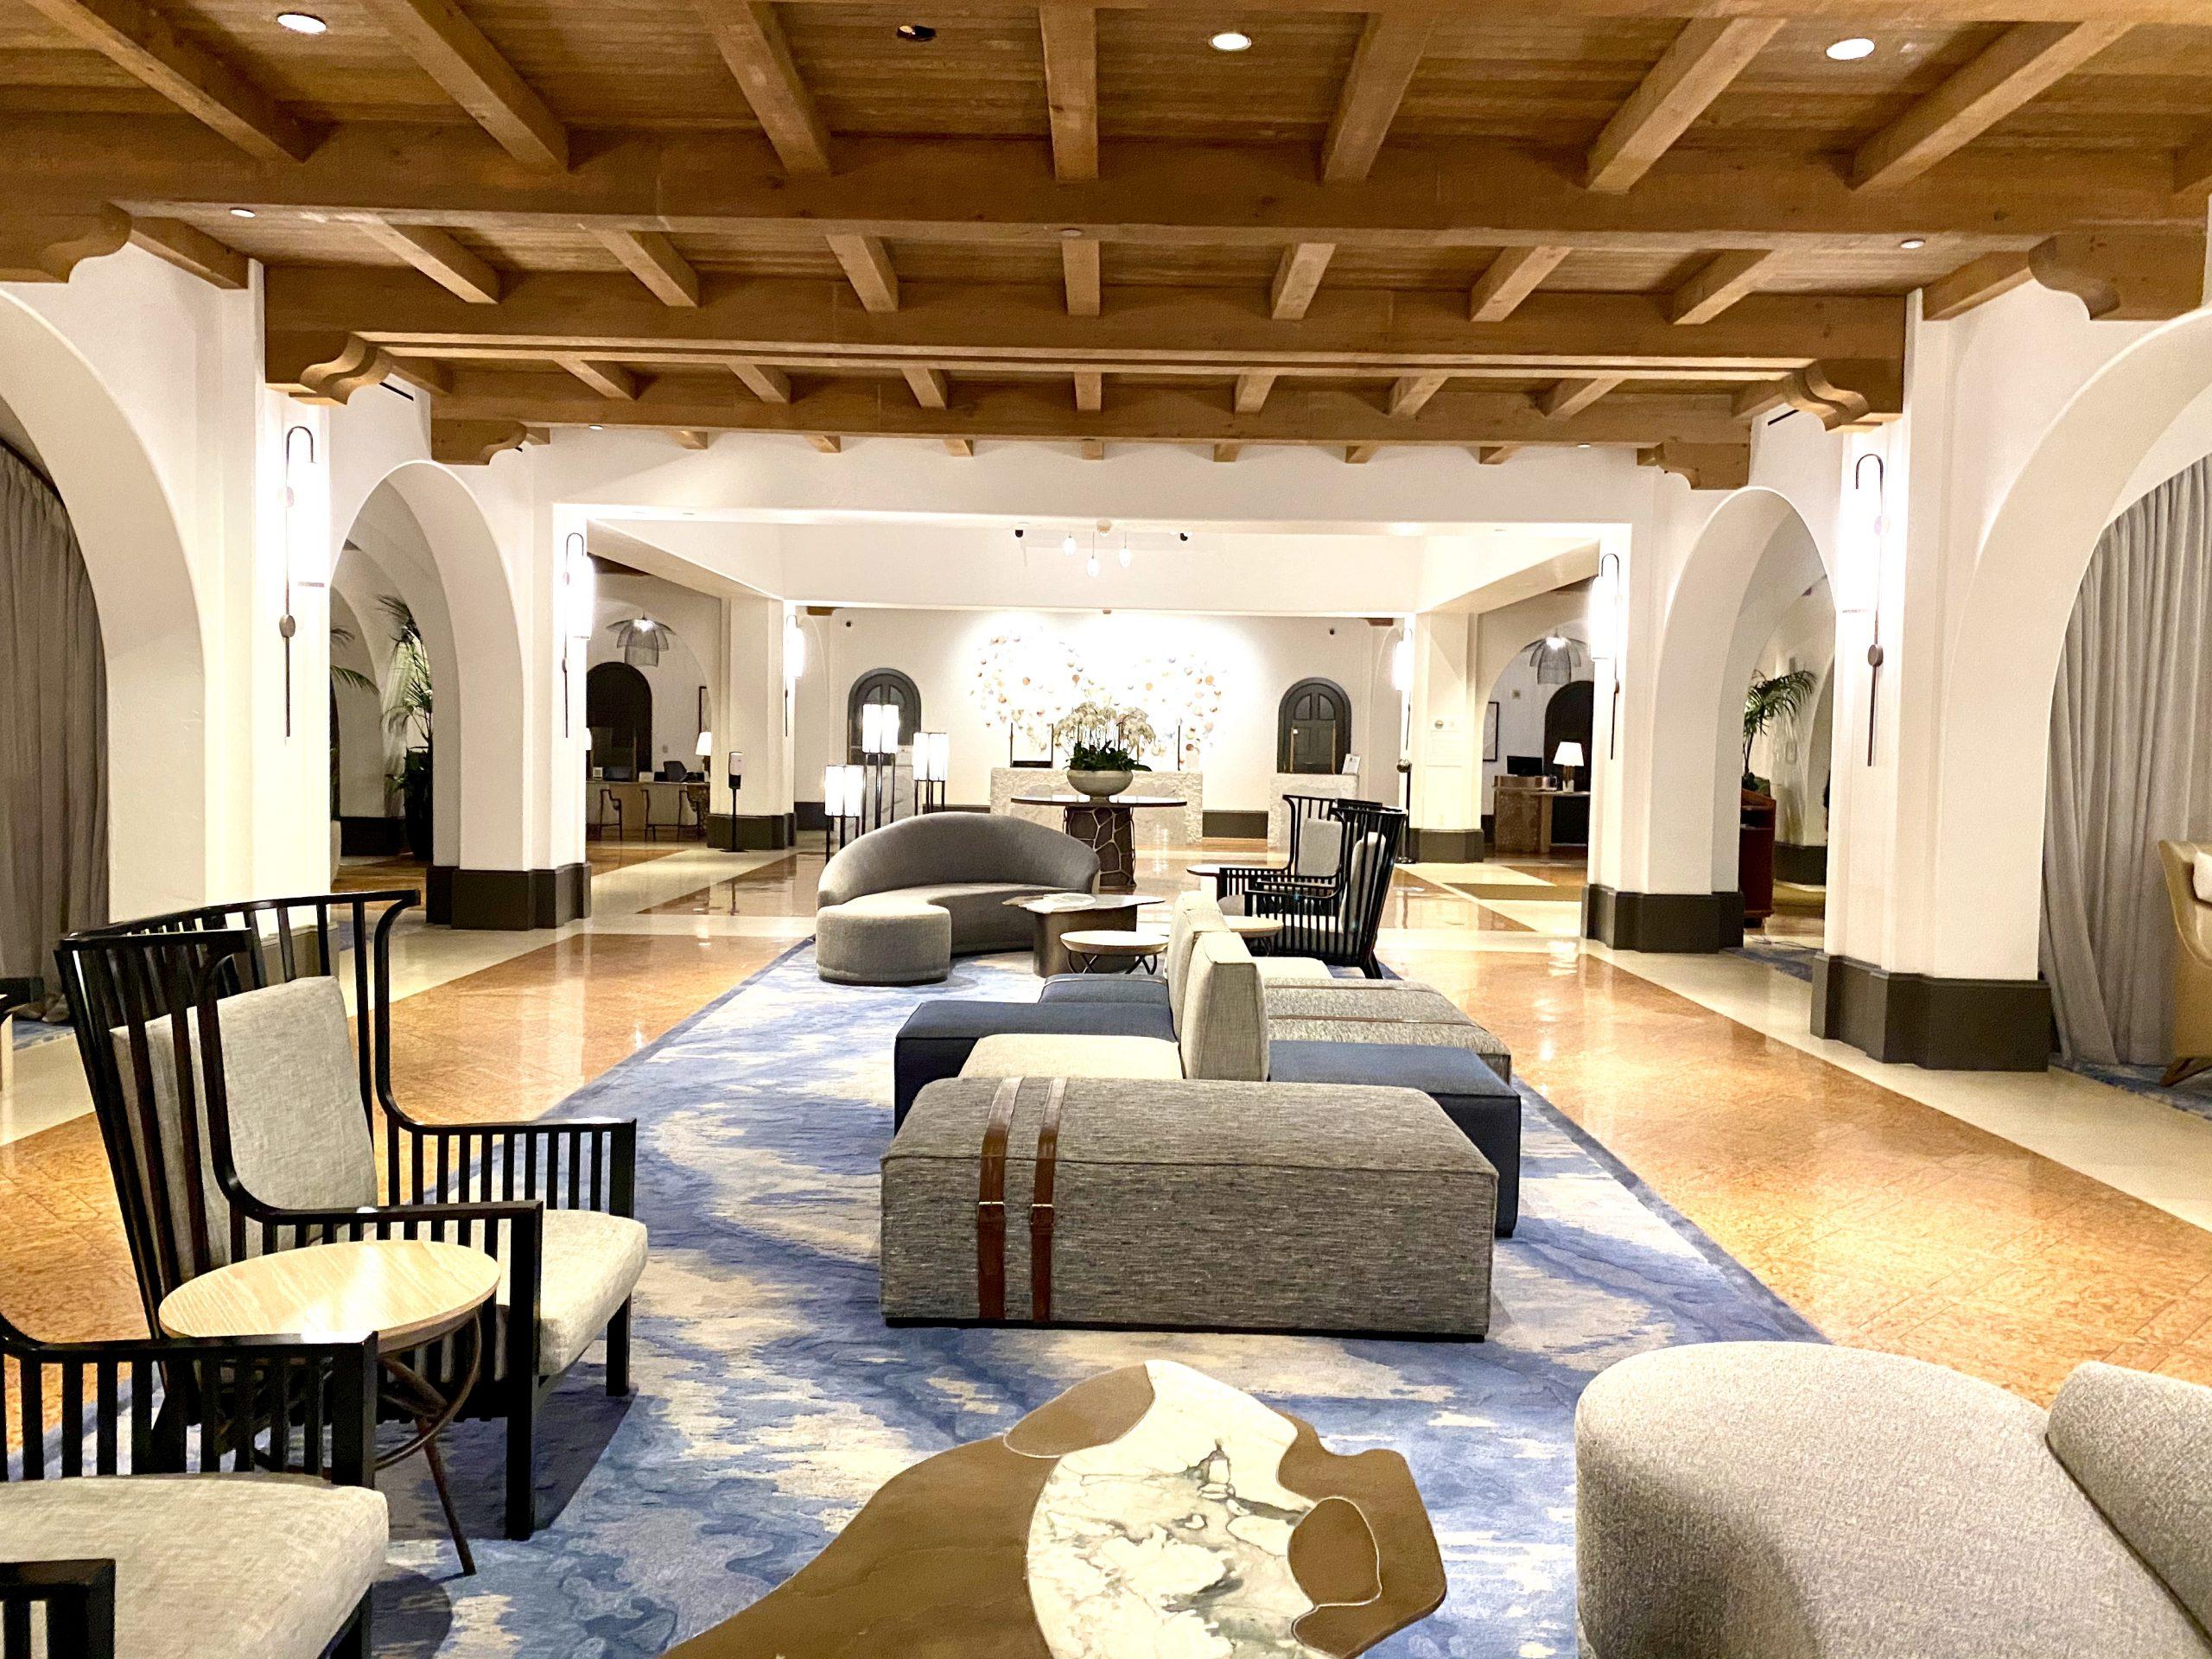 Lobby view with no people at Ritz-Carlton Bacara Resort, Santa Barbara, CA